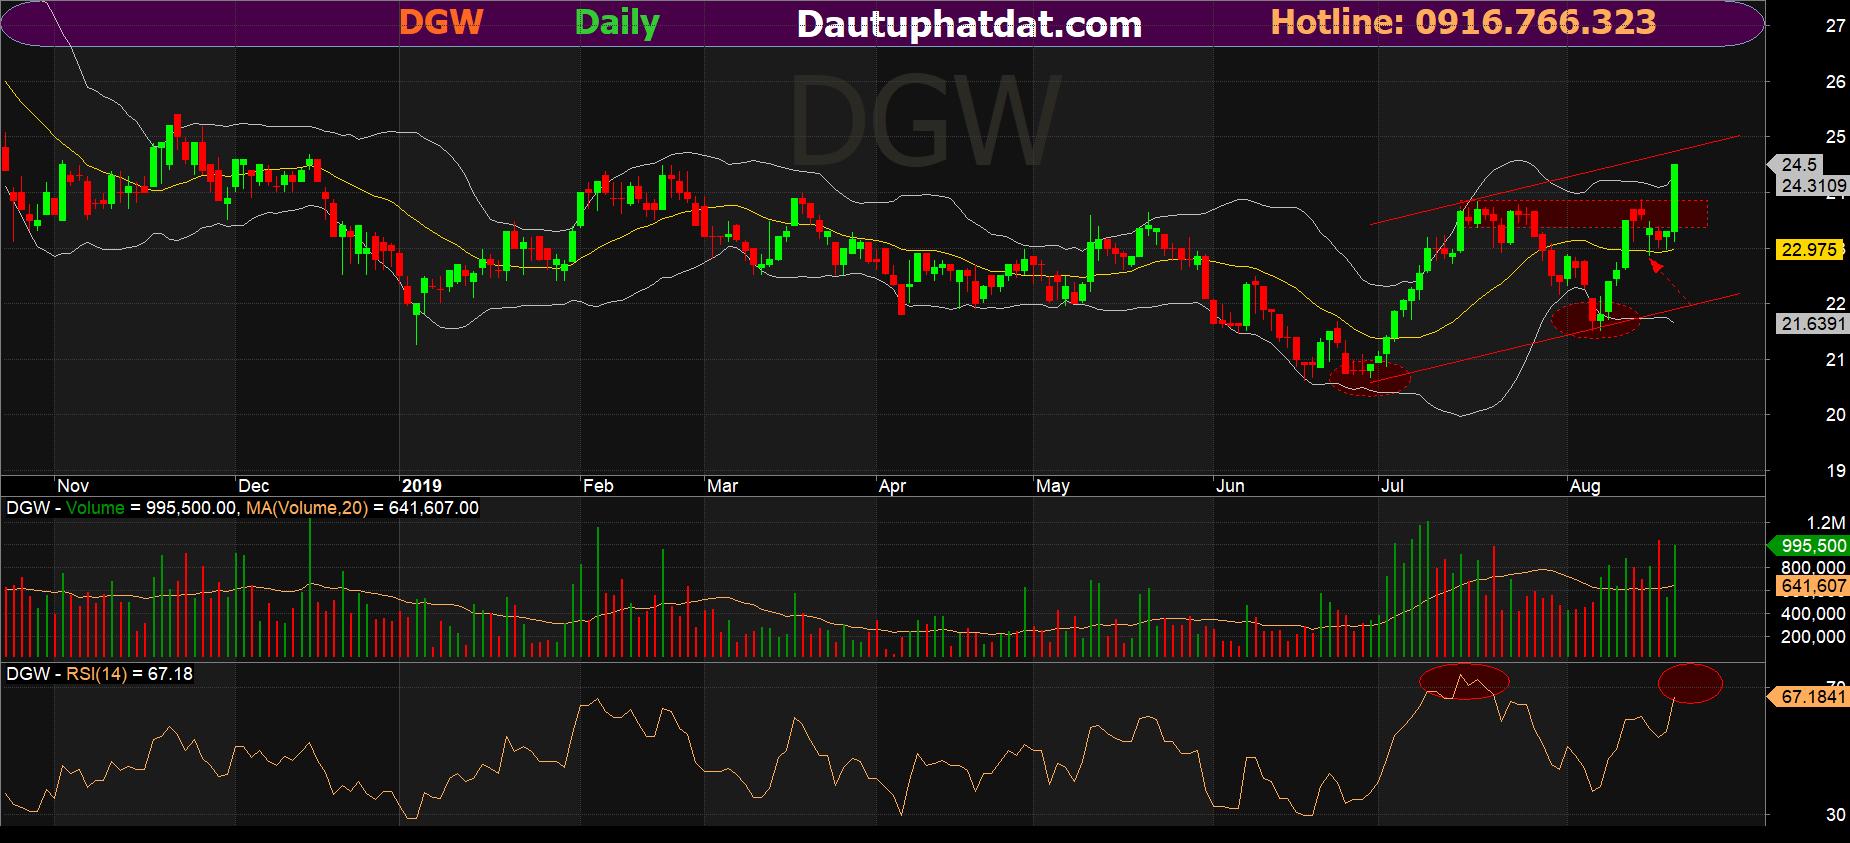 Đồ thị ngày cổ phiếu DGW